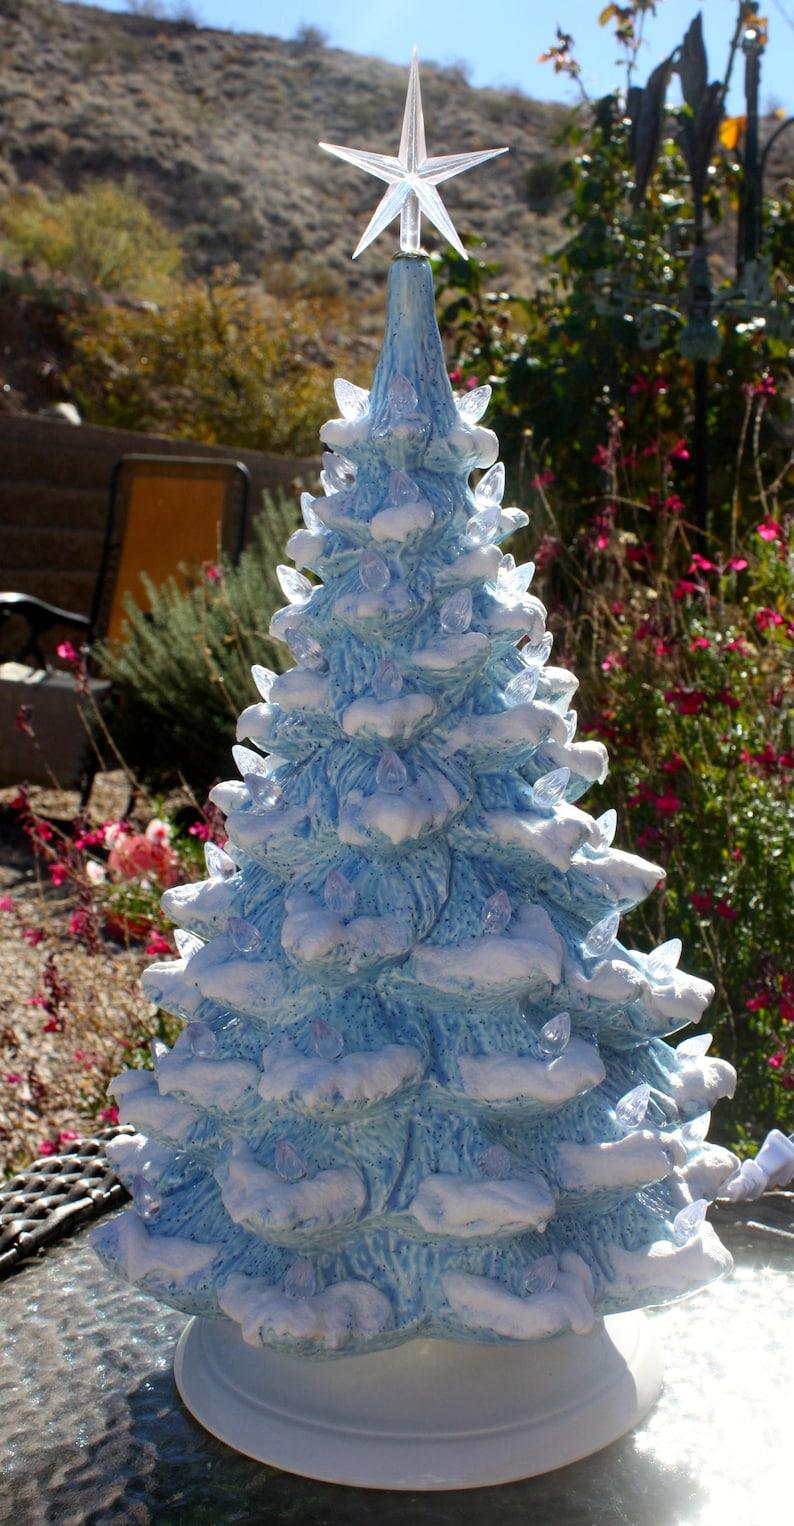 Ceramic Christmas Tree Vintage.19 Ceramic Christmas Tree Vintage Blue Glaze Lighted Just Like Grandma Mom S Vintage Mold Blank 1909